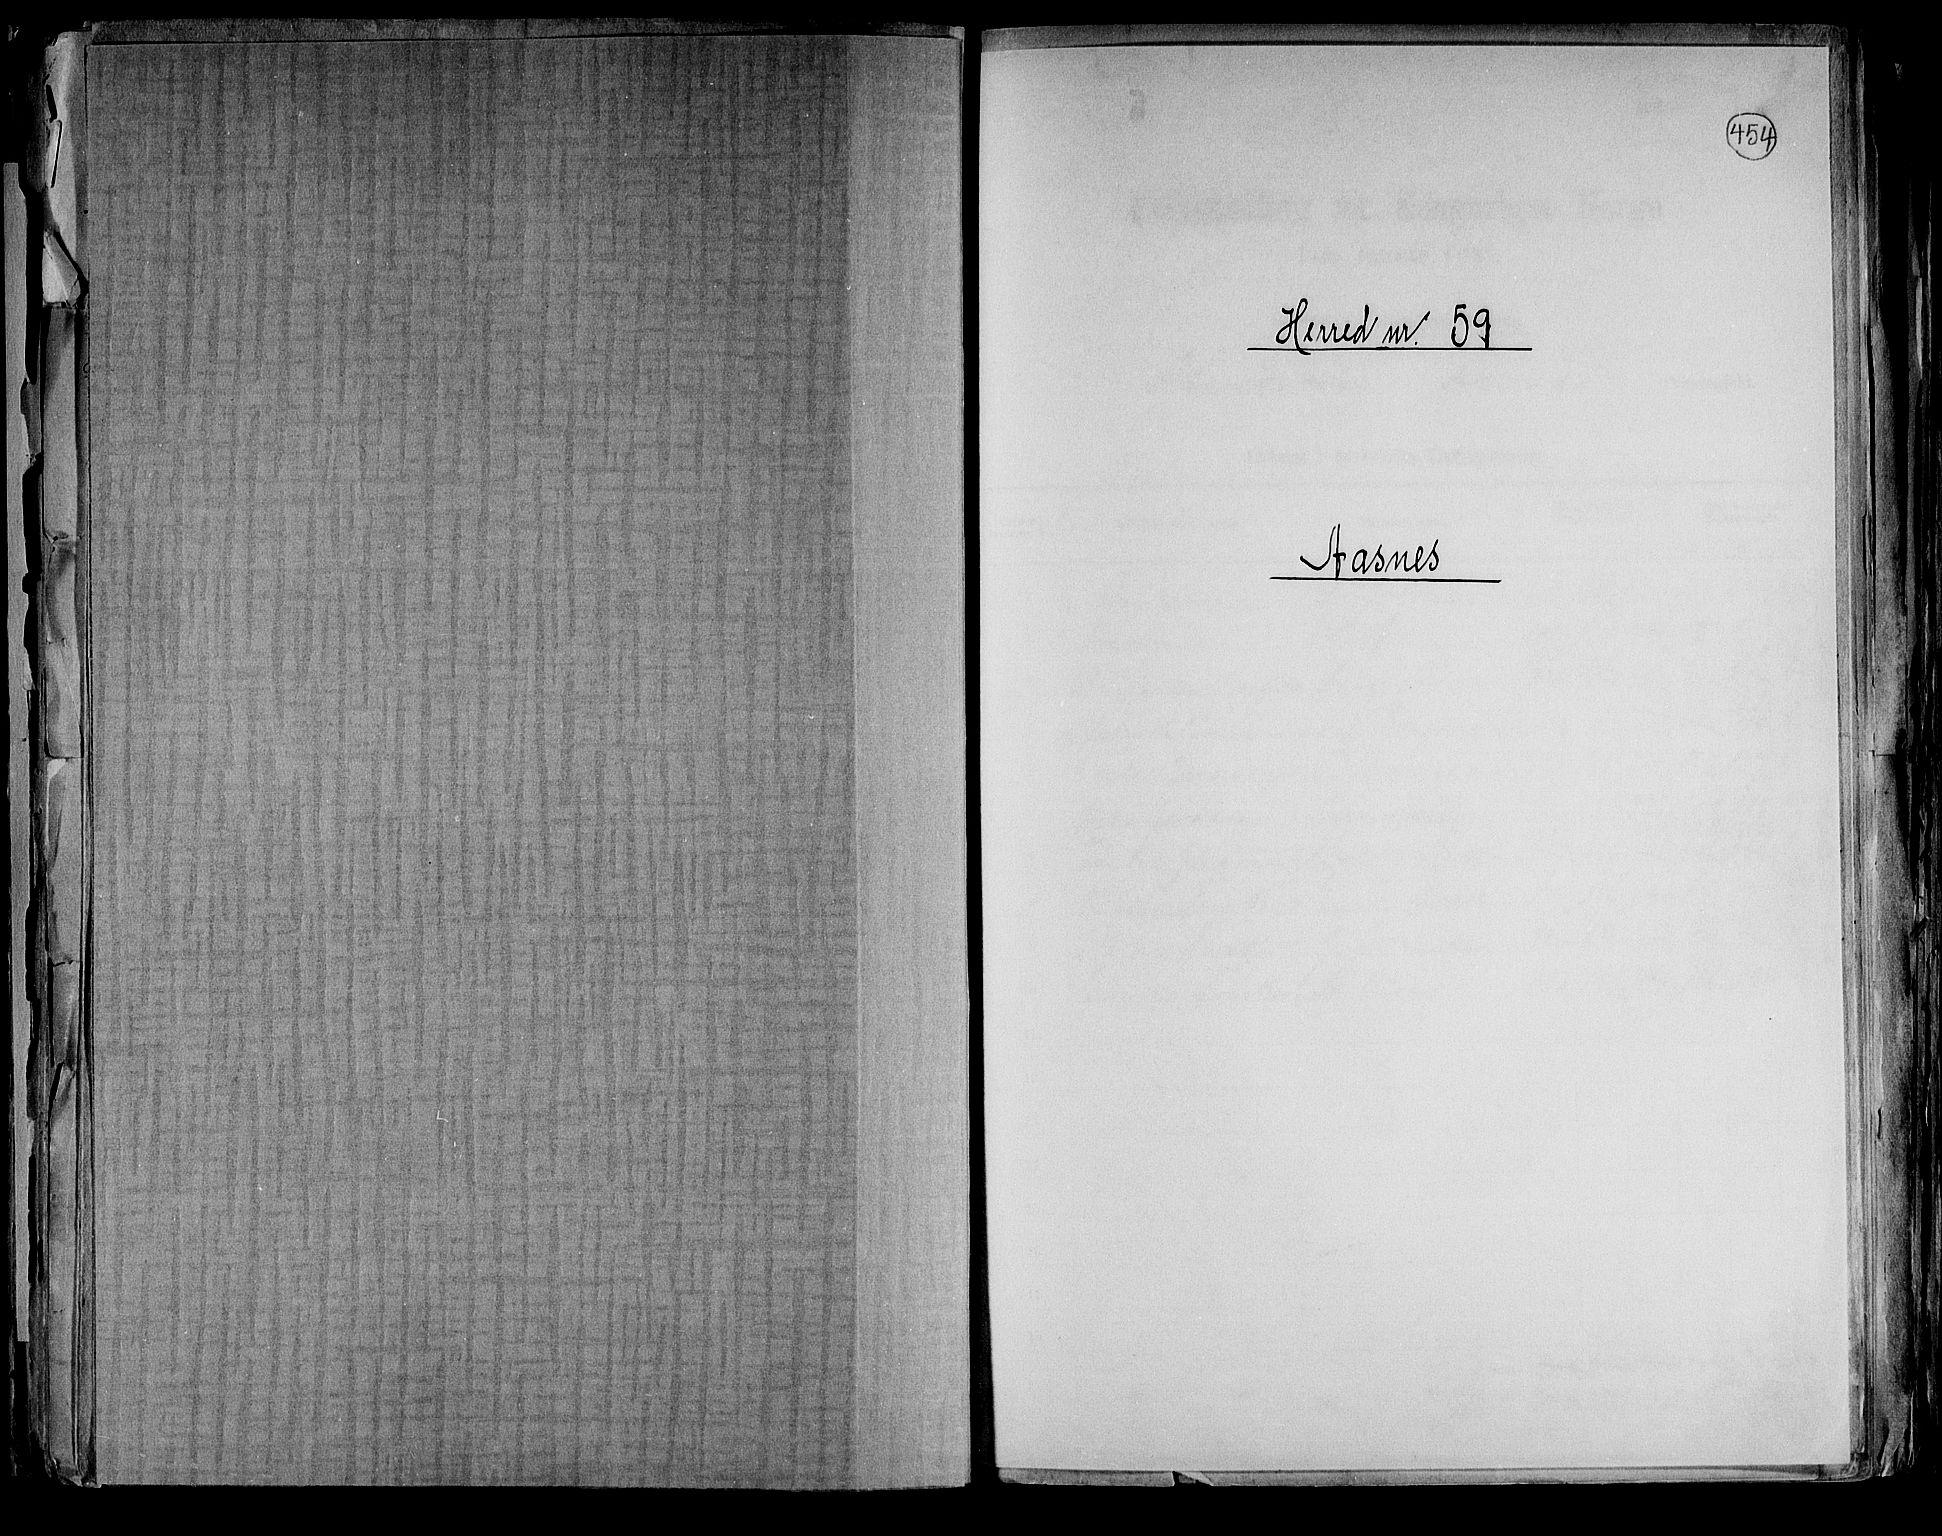 RA, Folketelling 1891 for 0425 Åsnes herred, 1891, s. 1